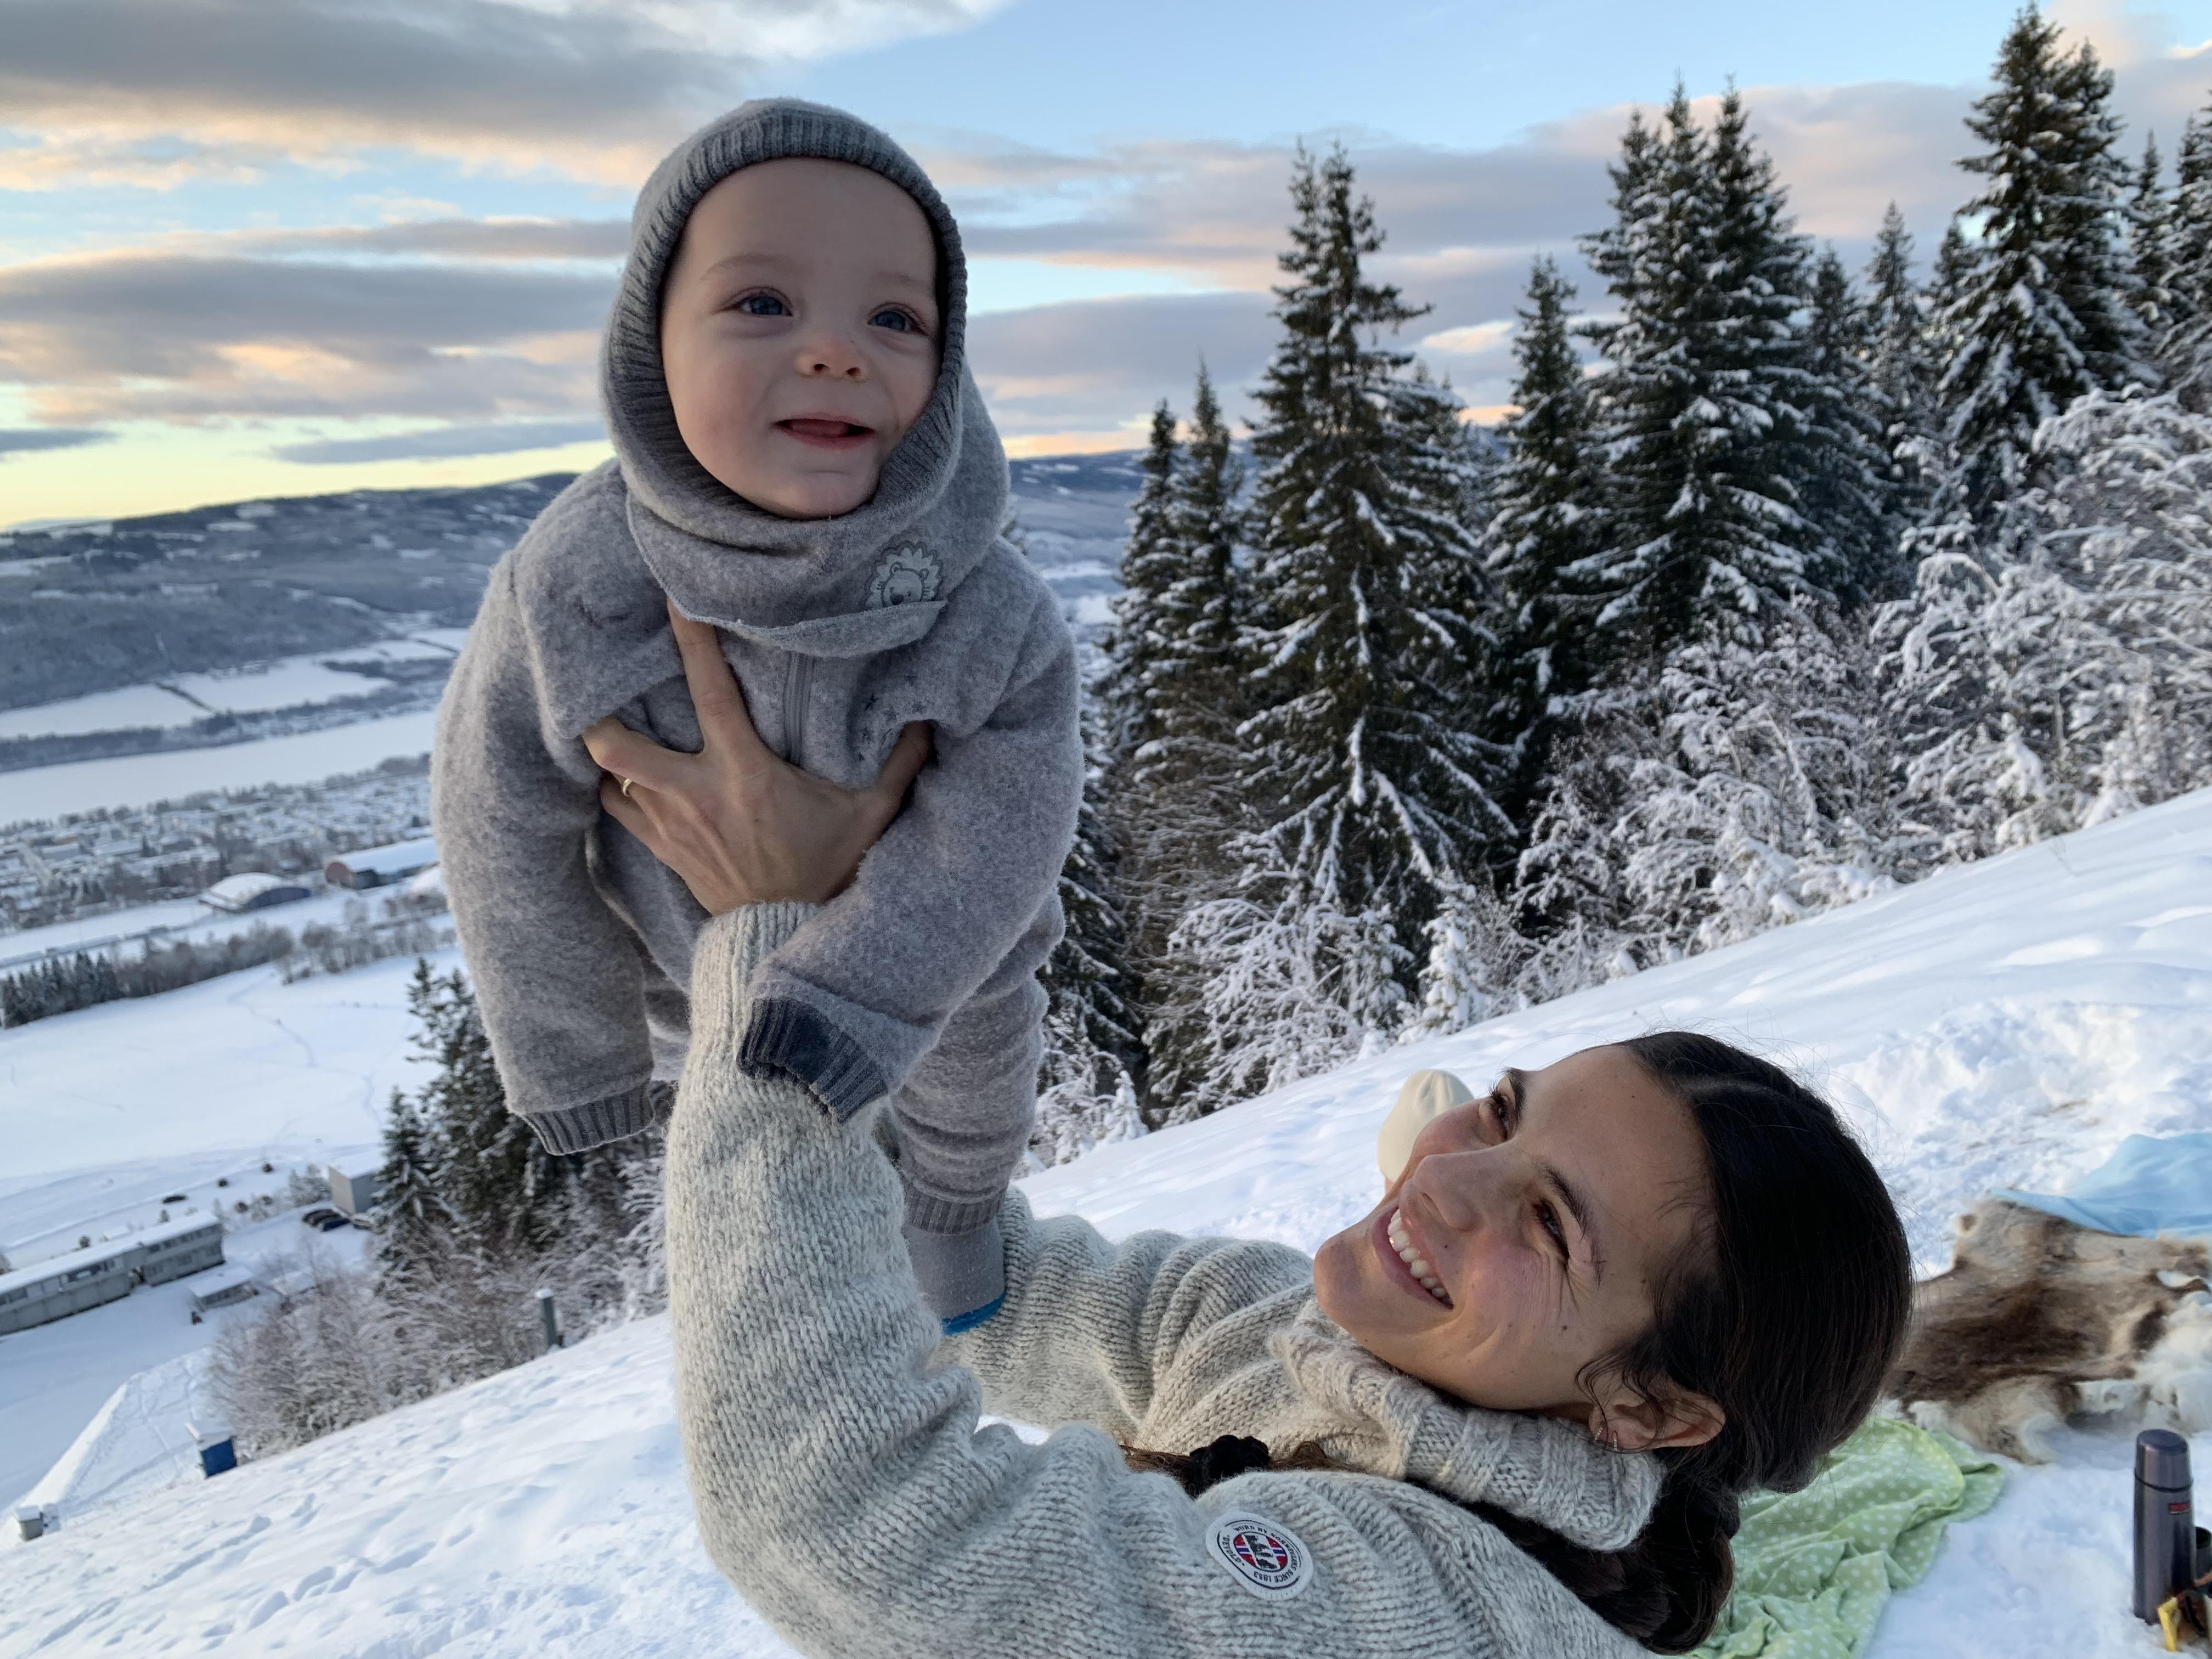 fordelene med venner med fordeler suomi